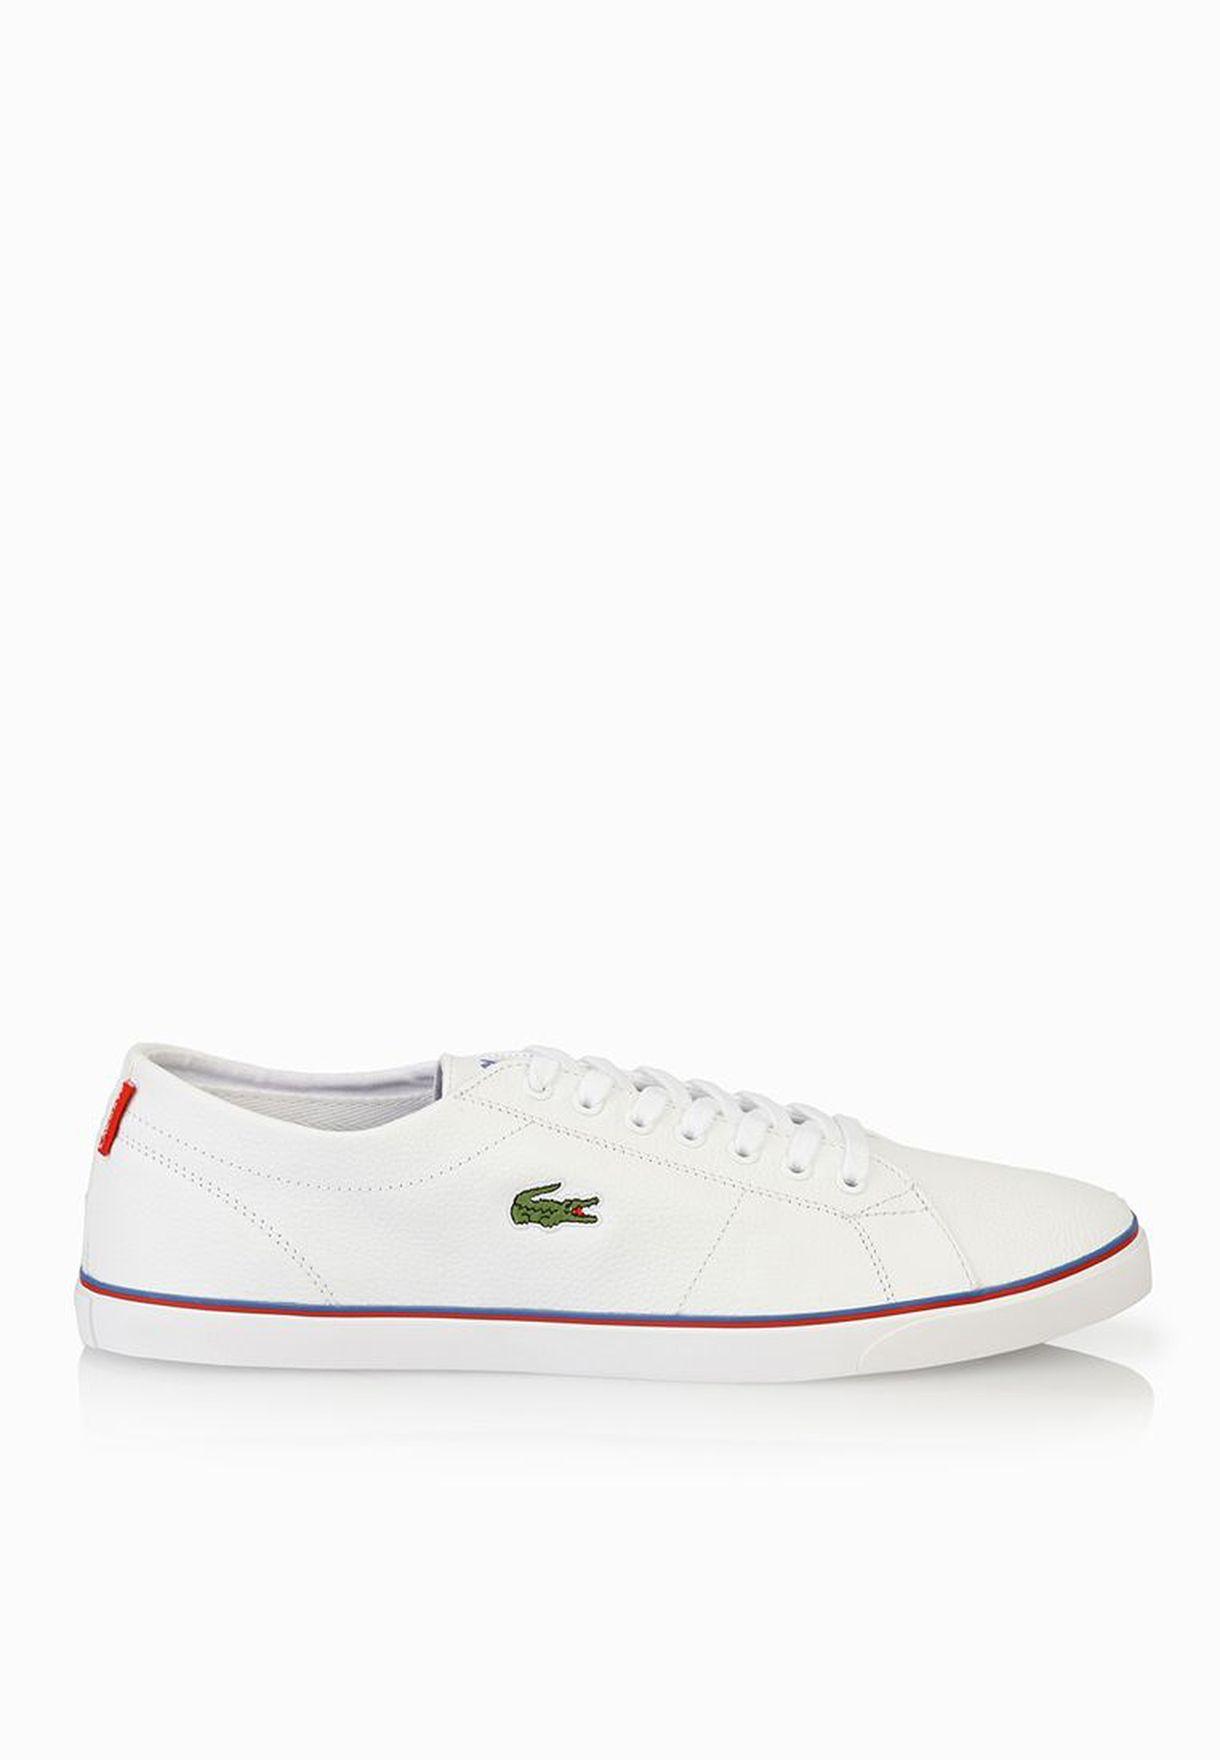 e0ea0e234ab641 ... Low top trainers Lacoste L.GHT PIQ Black Shoes for Men  Shop Lacoste  white Marcel TCL 30SPM0026-21G for Men in UAE ... good . ...